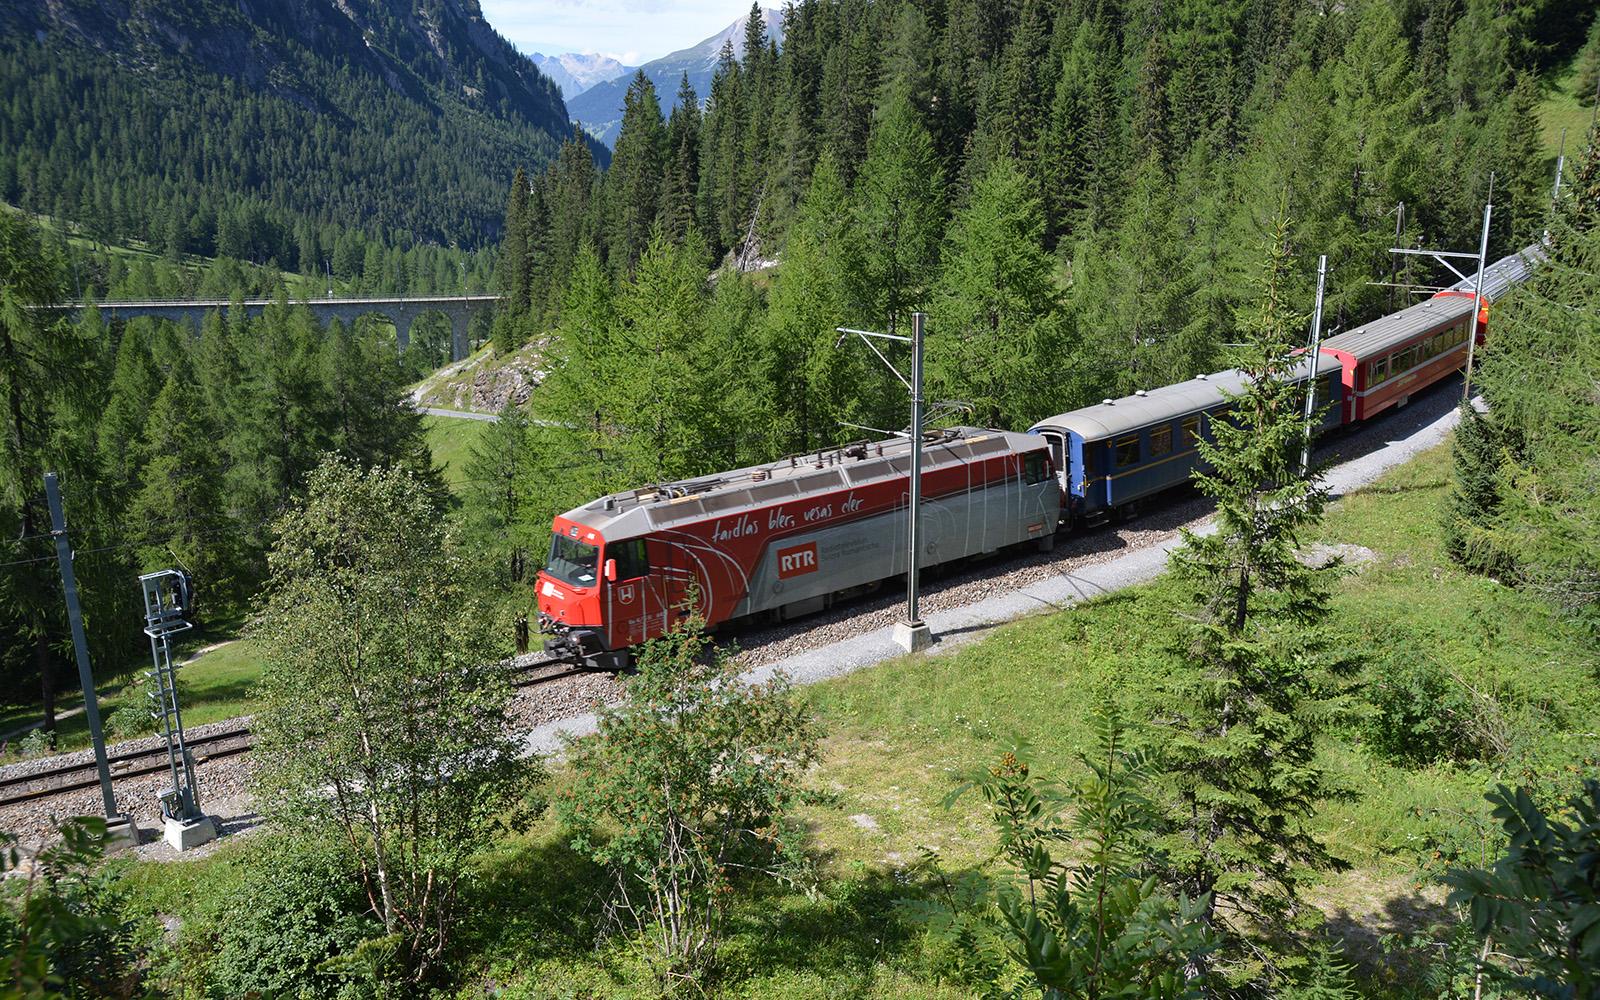 Foto: Die Albulalinie der Rhätischen Bahn zwischen Bergün und Preda im Kanton Graubünden gehört zu den spektakulärsten Schmalspurbahnstrecken der Welt - und ist völlig UNESCO-Weltkulturerbe. Und das völlig zurecht: mithilfe schier unglaublicher Tunnel- und Brückenkonstruktionen schraubt sich die Bahn auf gerade mal 12 Kilometern um mehr als 400 Höhenmeter nach oben, um schließlich in Preda den höchsten Punkt er Strecke zu erreichen, bevor es dann wieder nach unten geht Richtung Engadin und St. Moritz. Text und Foto: Dirk Schneider // railmen-Kommunikation